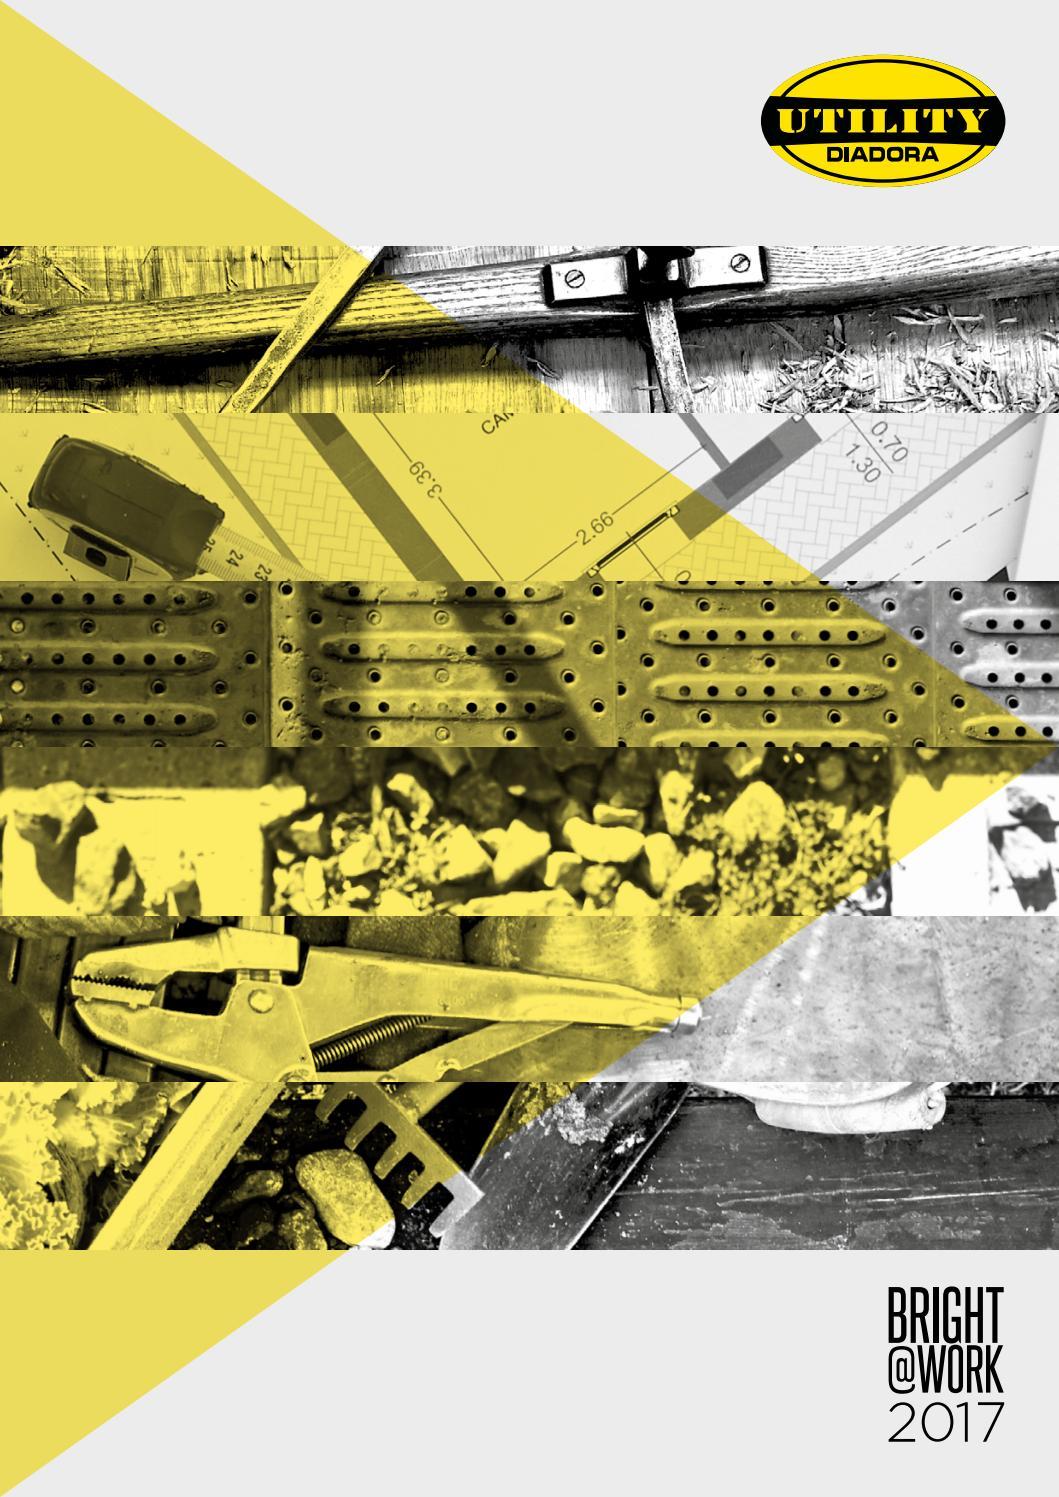 Utility Diadora Bermuda de Travail Bermuda Poly ISO 13688:2013 pour Homme